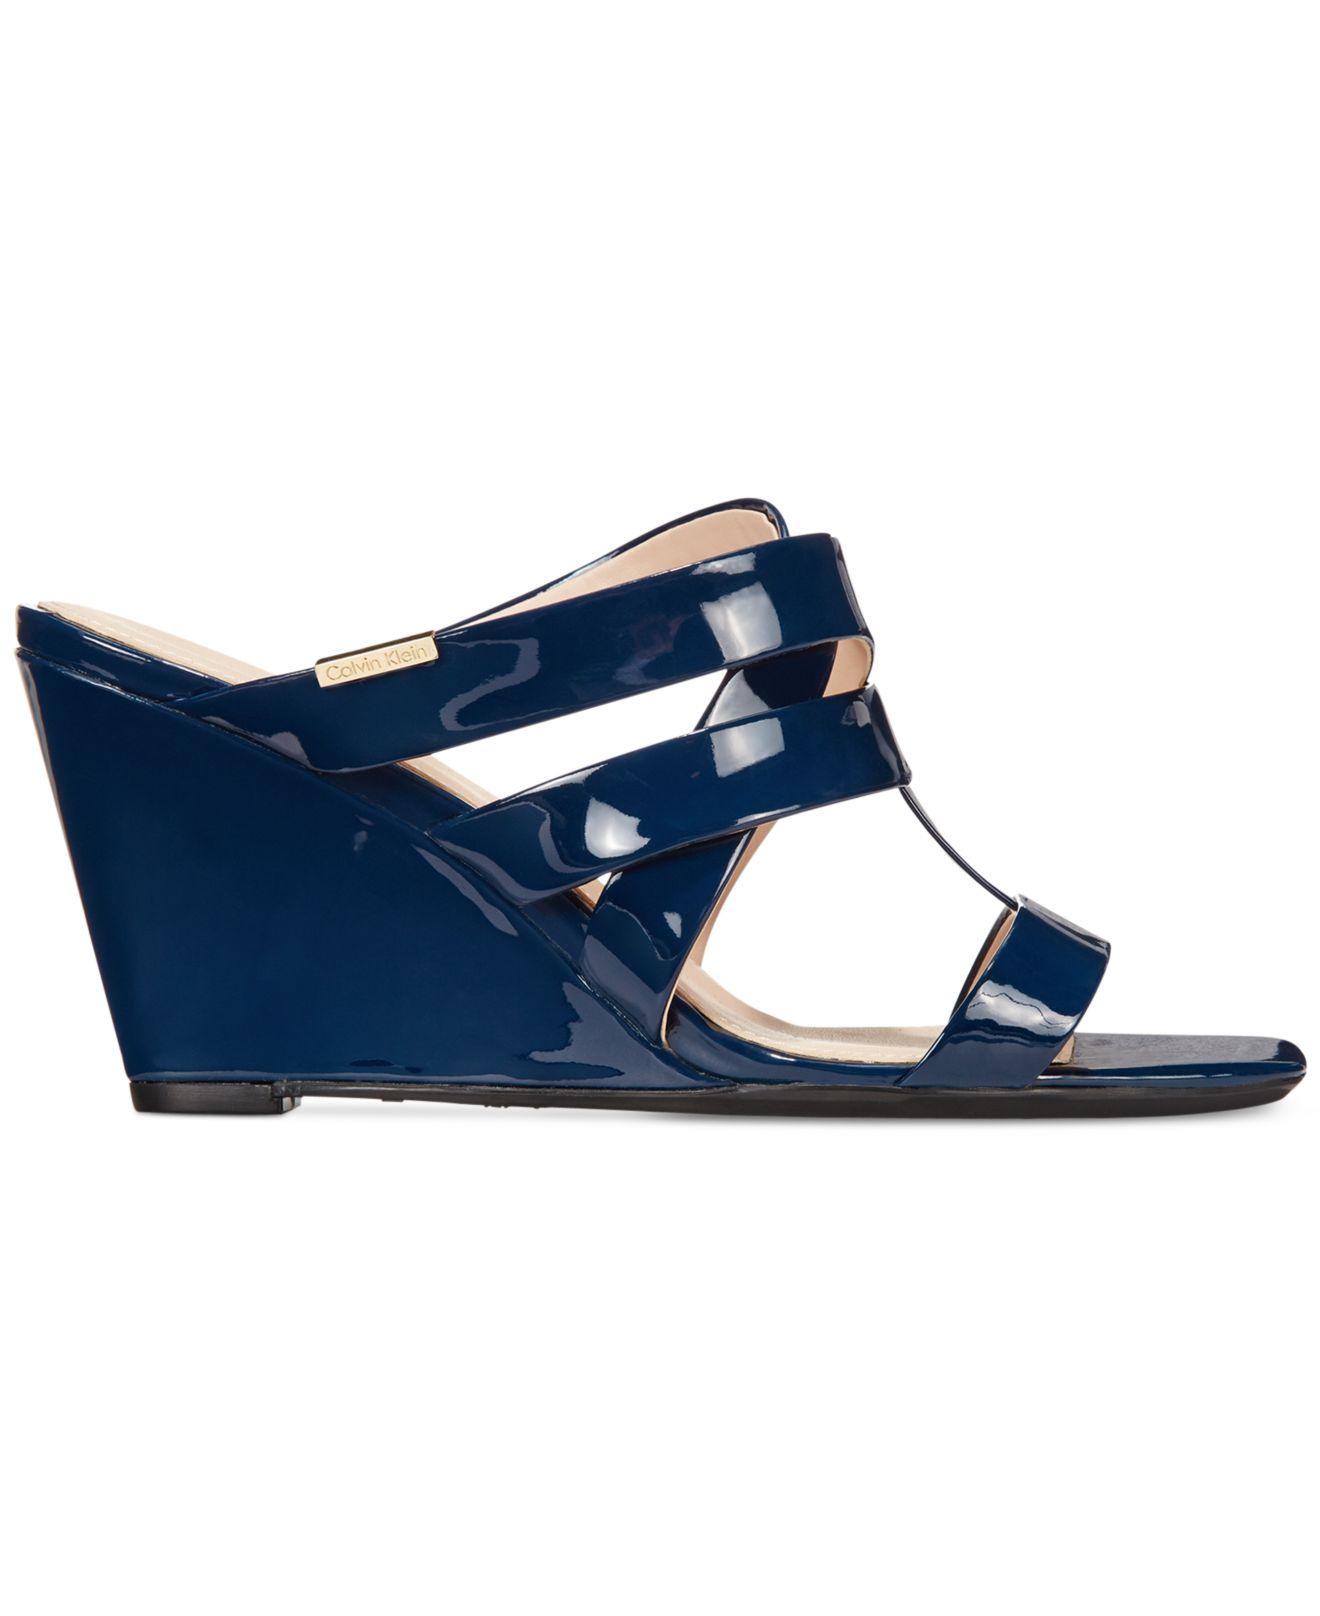 Luxury Women_WomenShoes_Flats_Sandals_Navy Blue Sandals